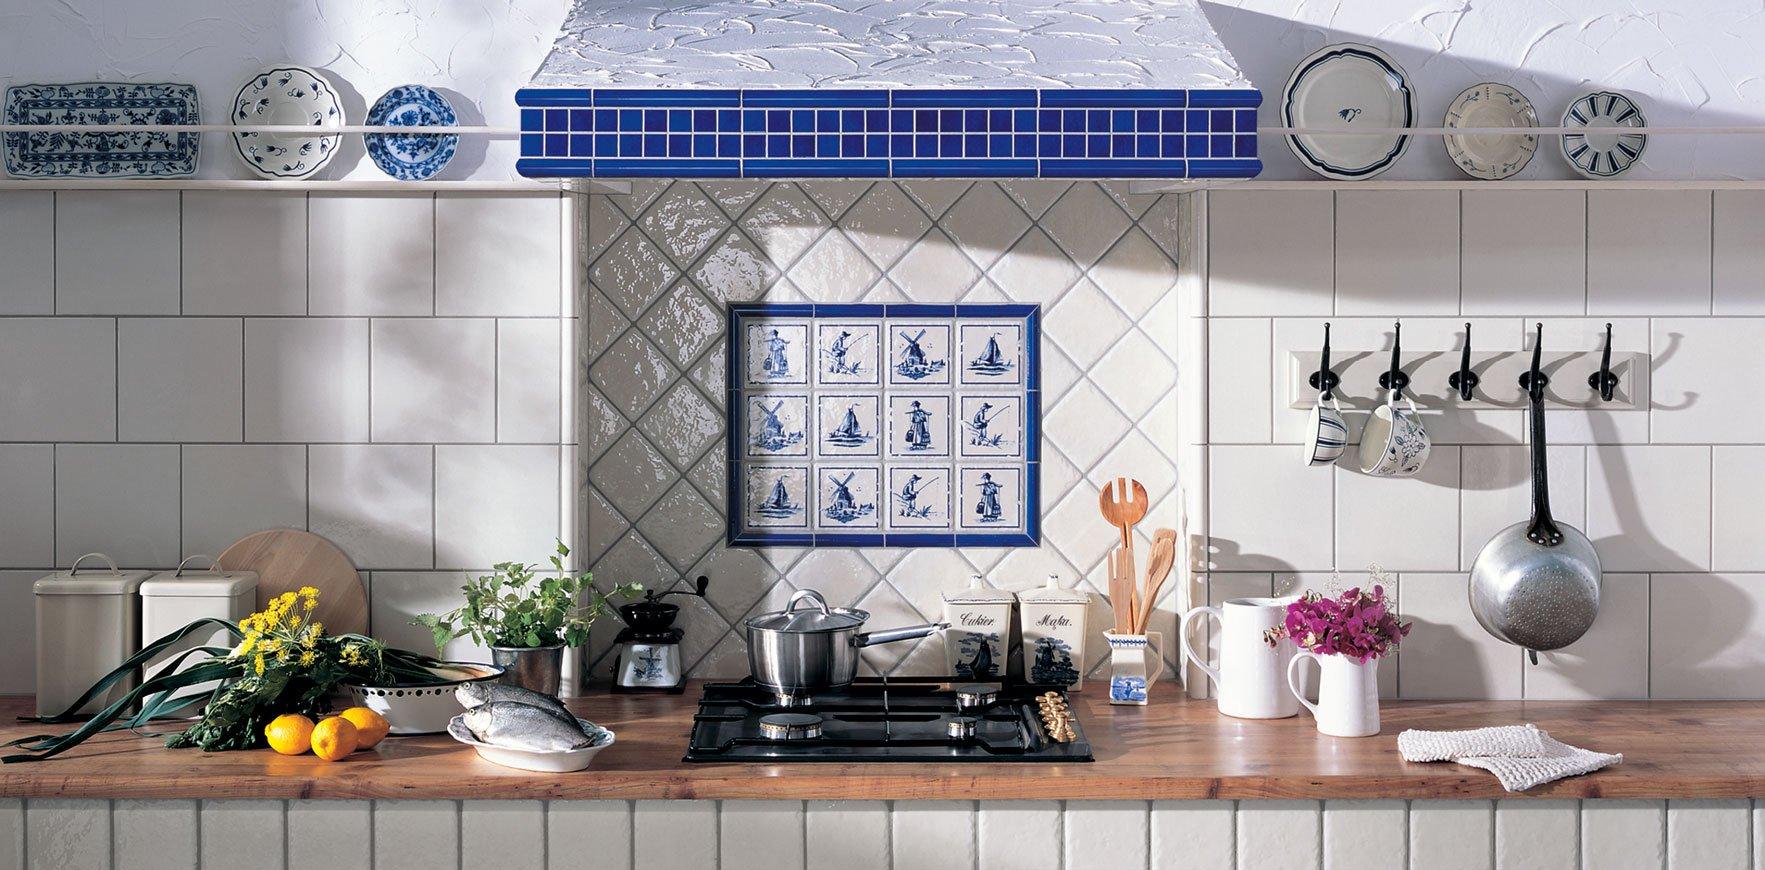 Синие элементы в дизайне кухни